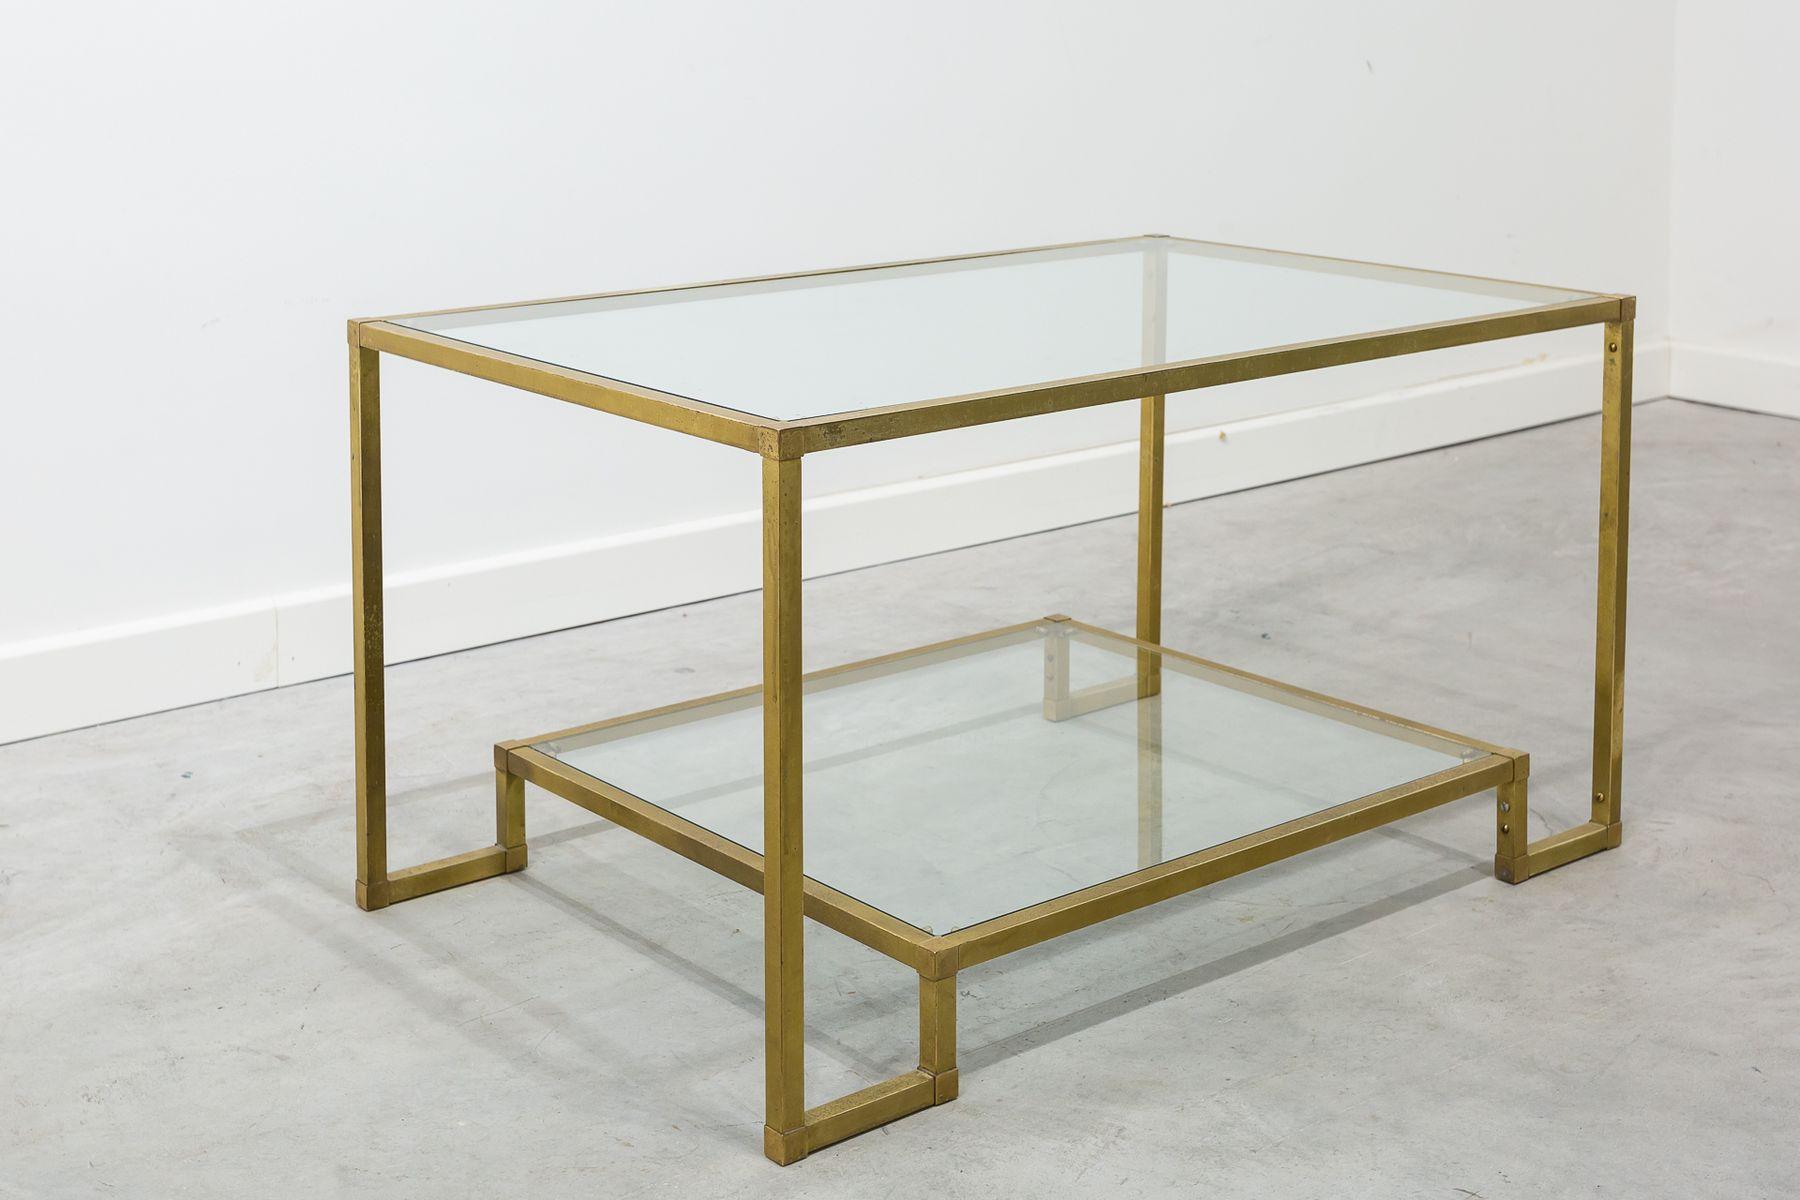 table rectangulaire en laiton en verre espagne 1970s en vente sur pamono. Black Bedroom Furniture Sets. Home Design Ideas